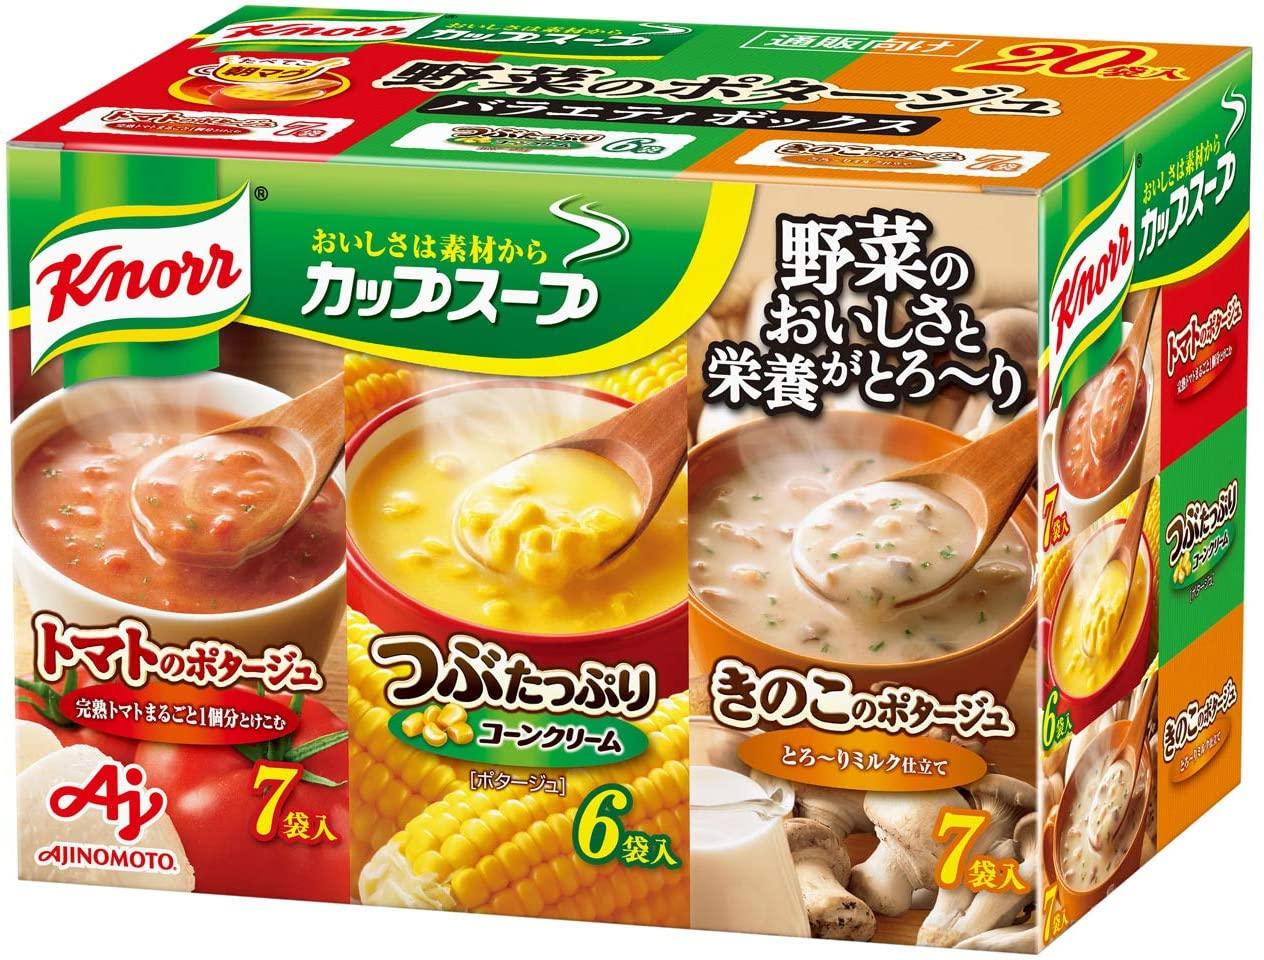 クノールのカップスープ(野菜のポタージュ 1箱20食入り)買うなら楽天とAmazonどっち?